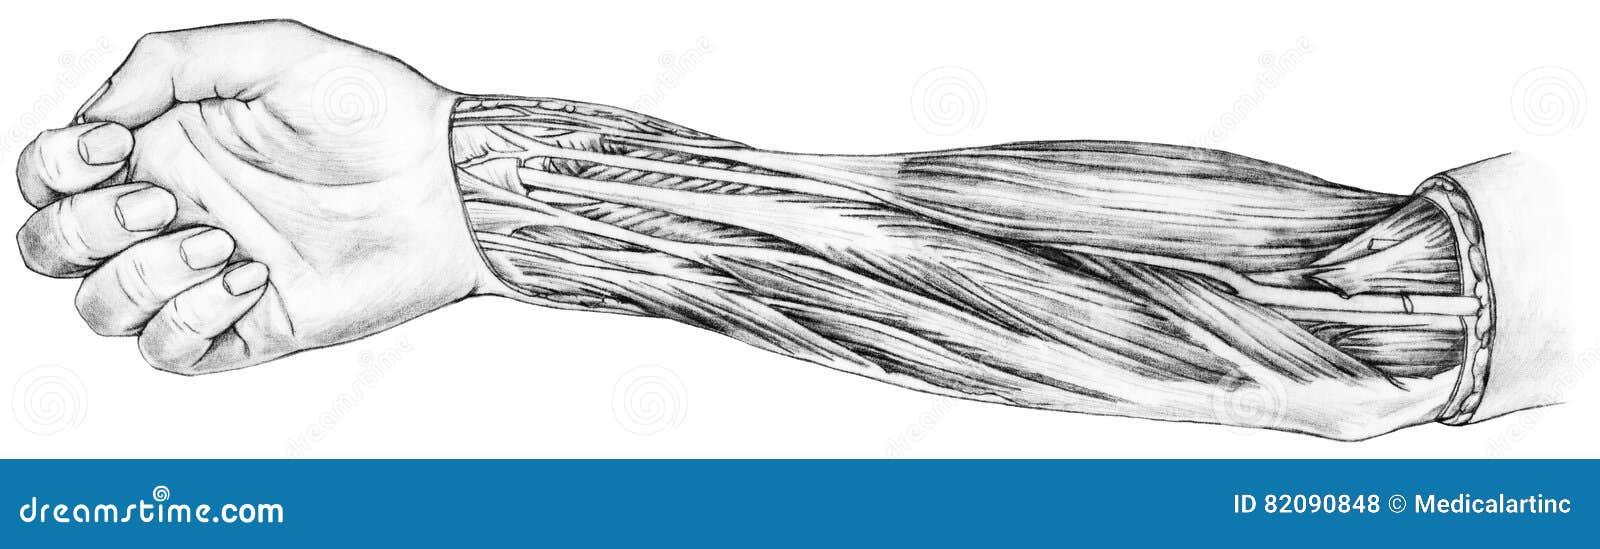 Unterarm - Muskeln Und Sehnen Stockfoto - Bild von unterarm ...